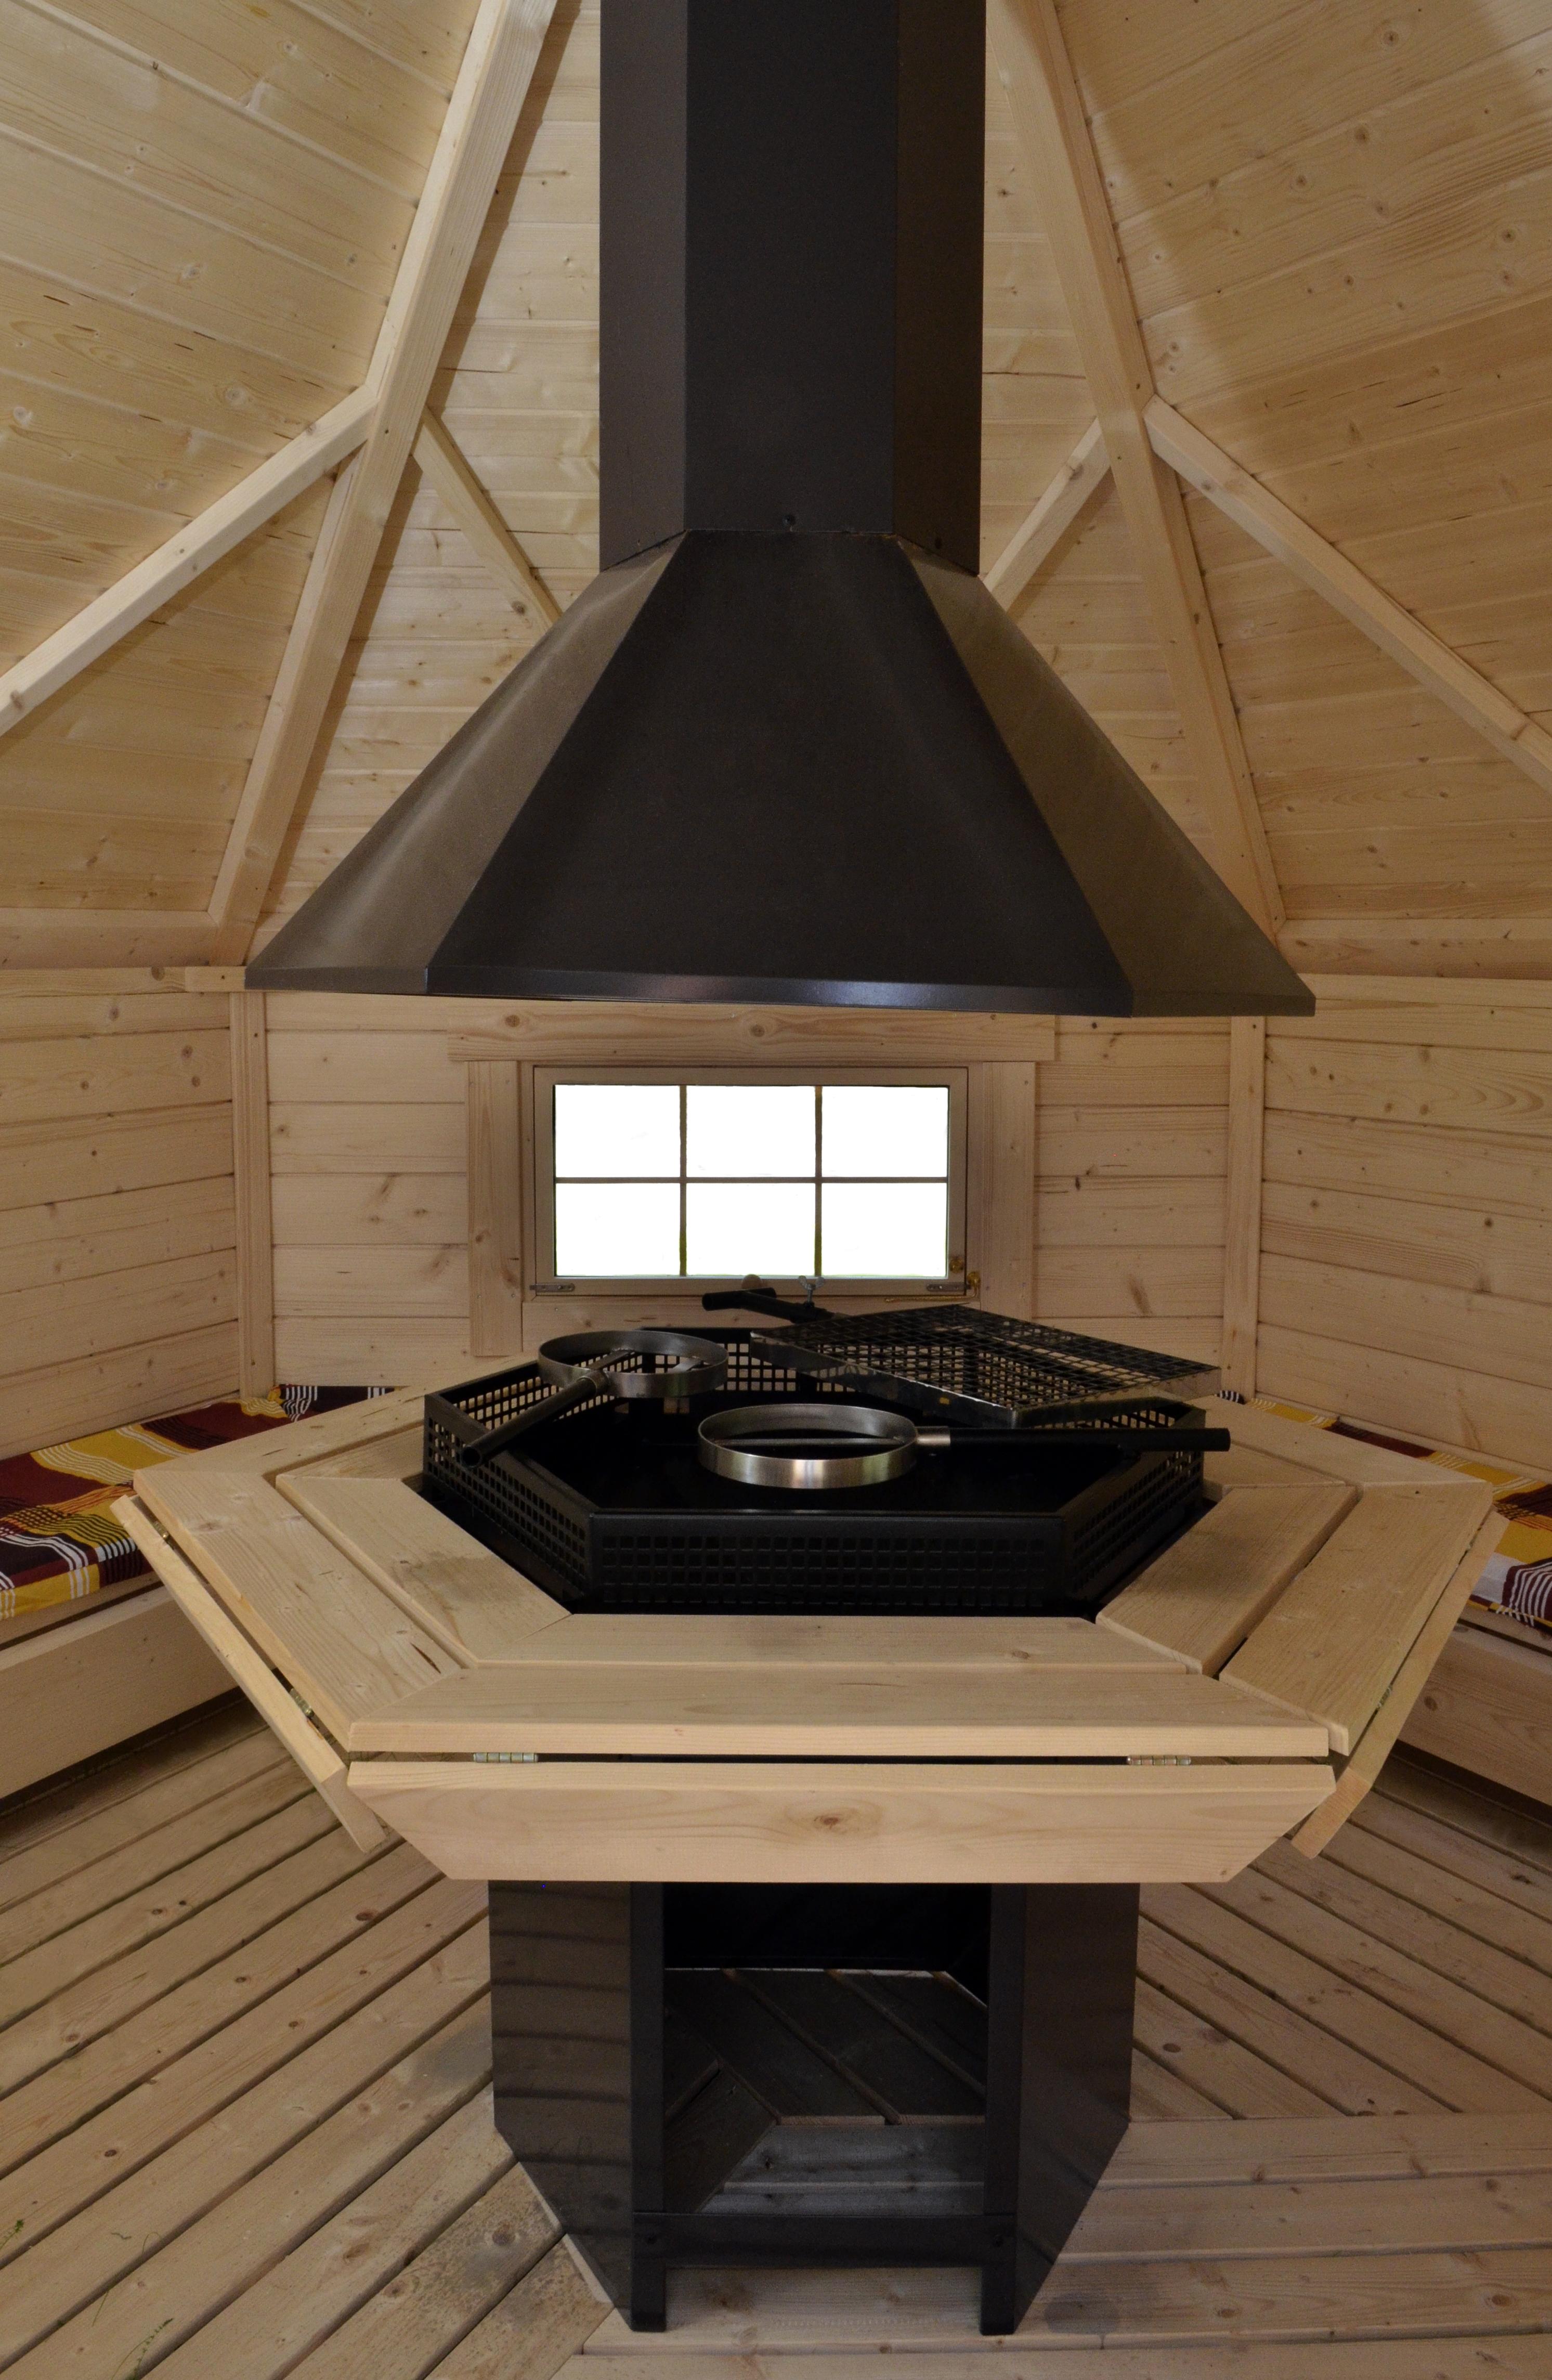 doppelte grillkota f r besondere feste. Black Bedroom Furniture Sets. Home Design Ideas